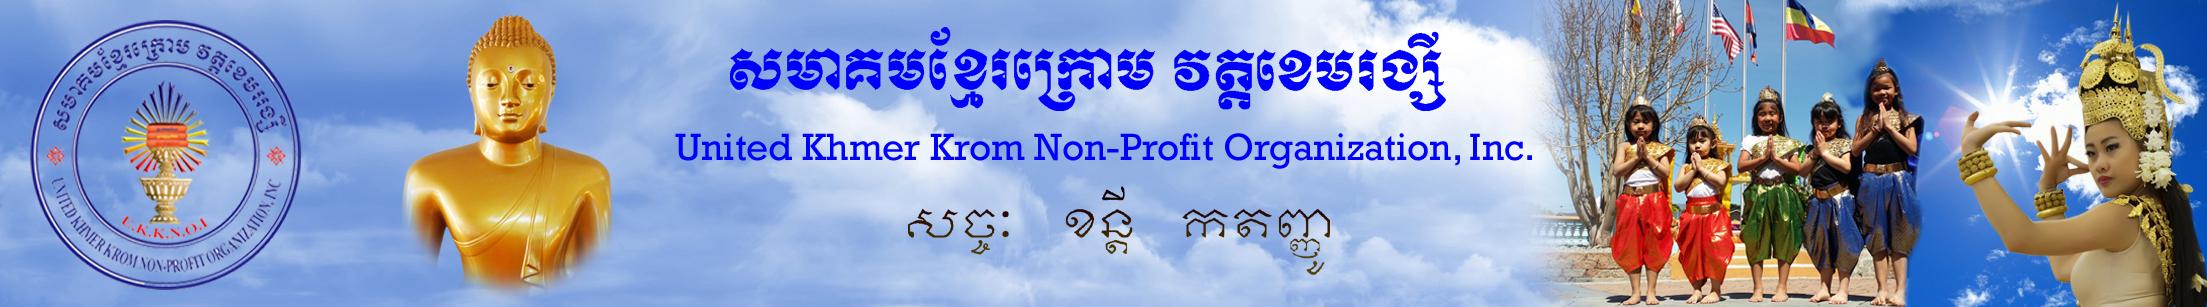 United Khmer Krom